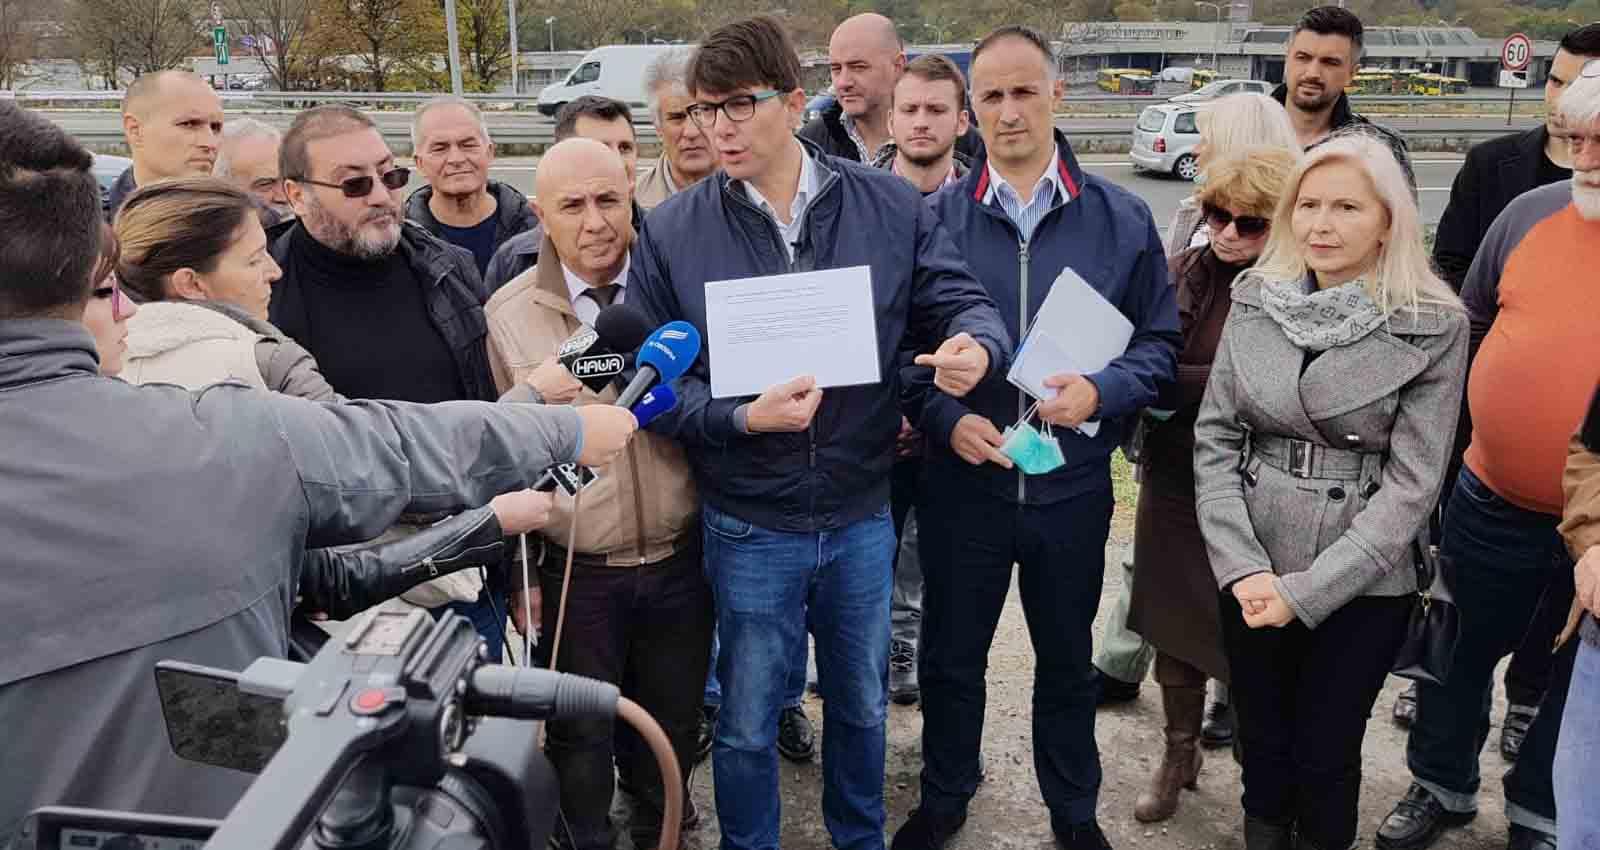 Јовановић: Трећина Београђана без канализације, њихови проблеми су важнији од националног стадиона